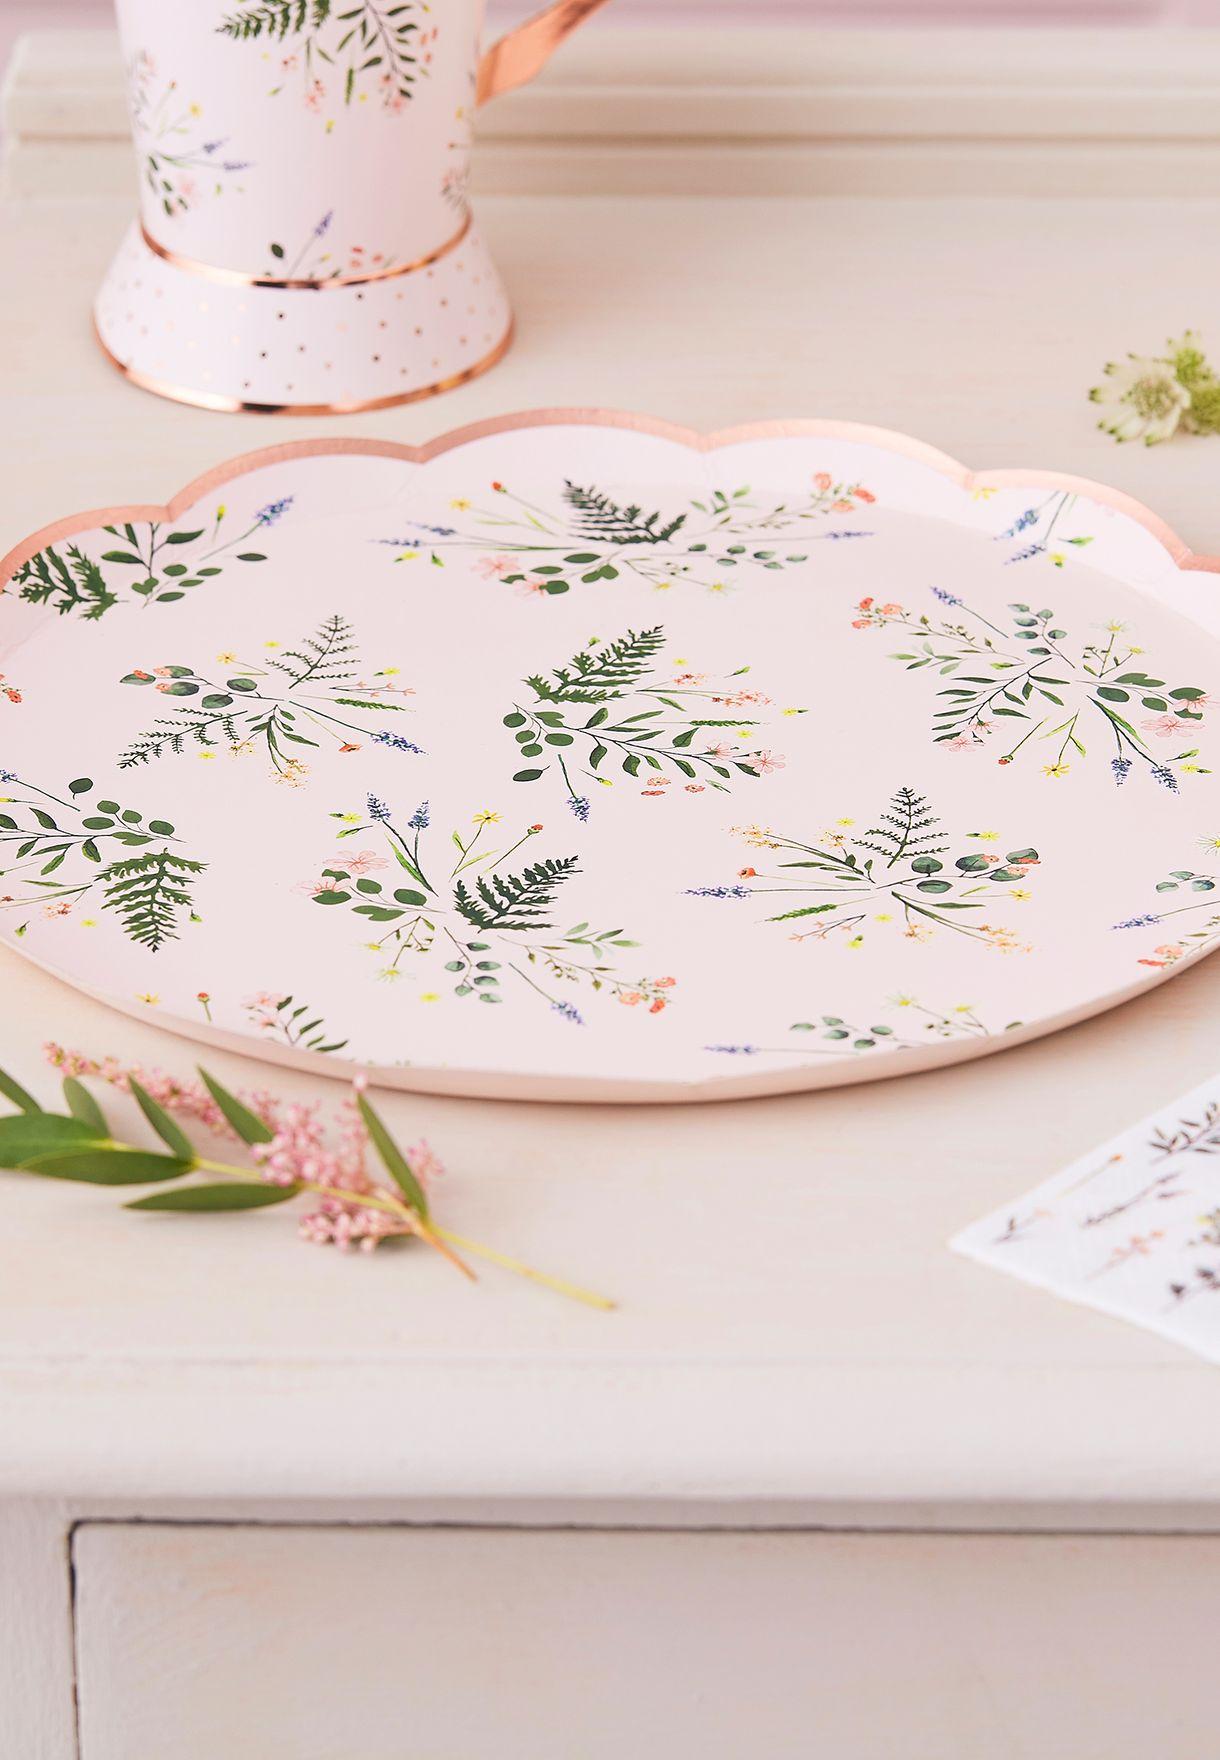 أطباق مزينة بزهور لحفلات الشاي